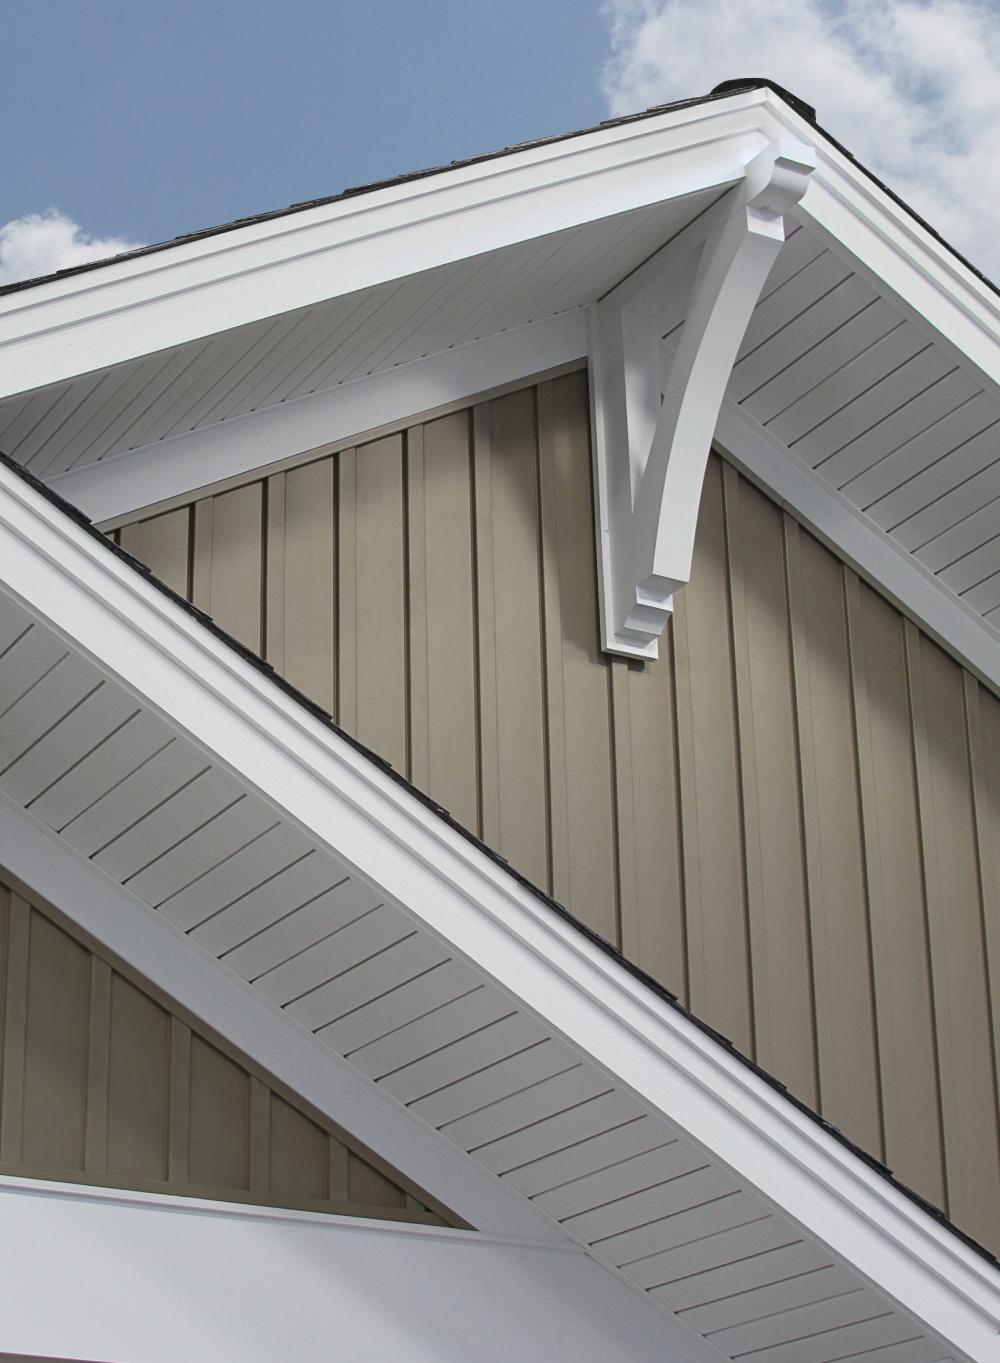 Wayne Overhead Door Sales And Home Improvements Dayton